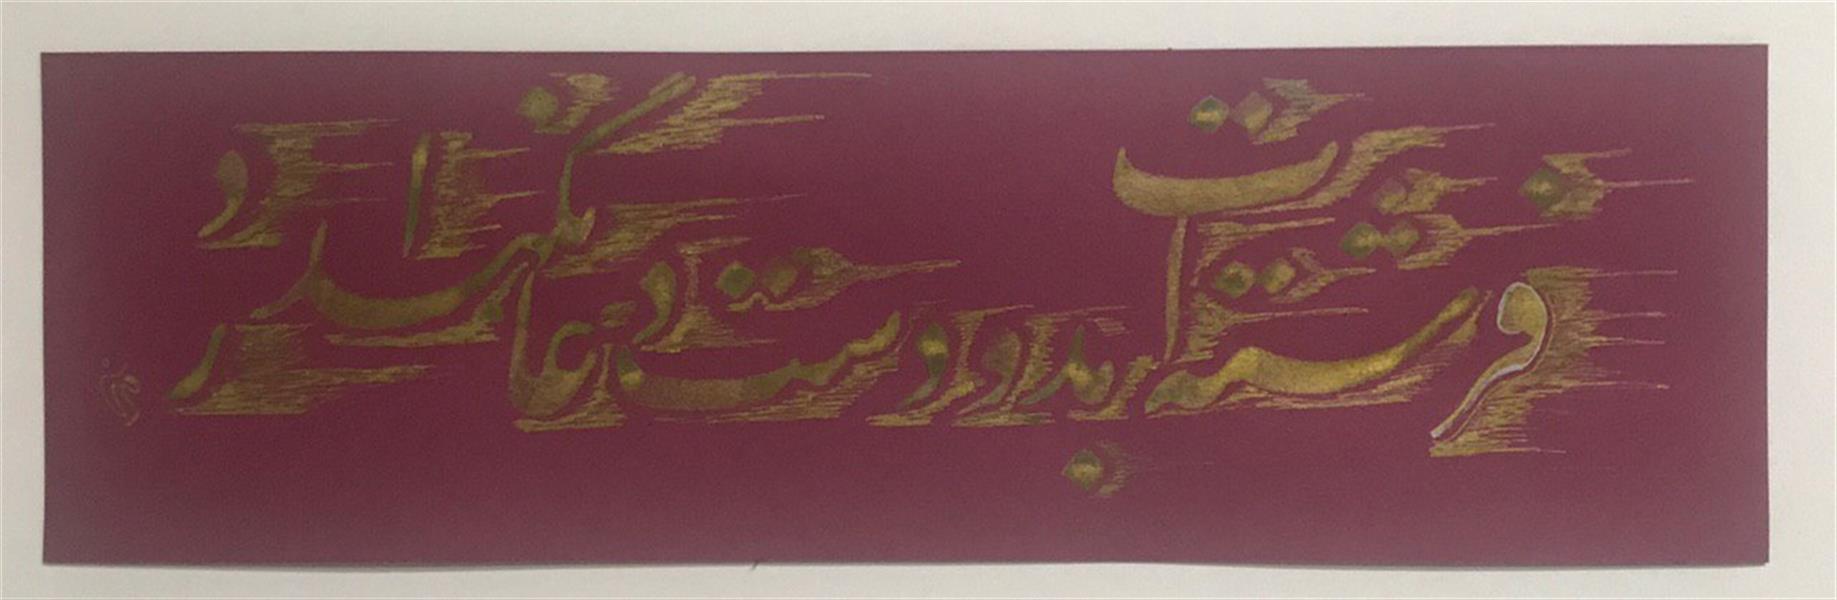 هنر خوشنویسی محفل خوشنویسی مشیری فرشته ات بدو دست دعا نگهدارد   ابعاد  ۶۰ * ۲۵